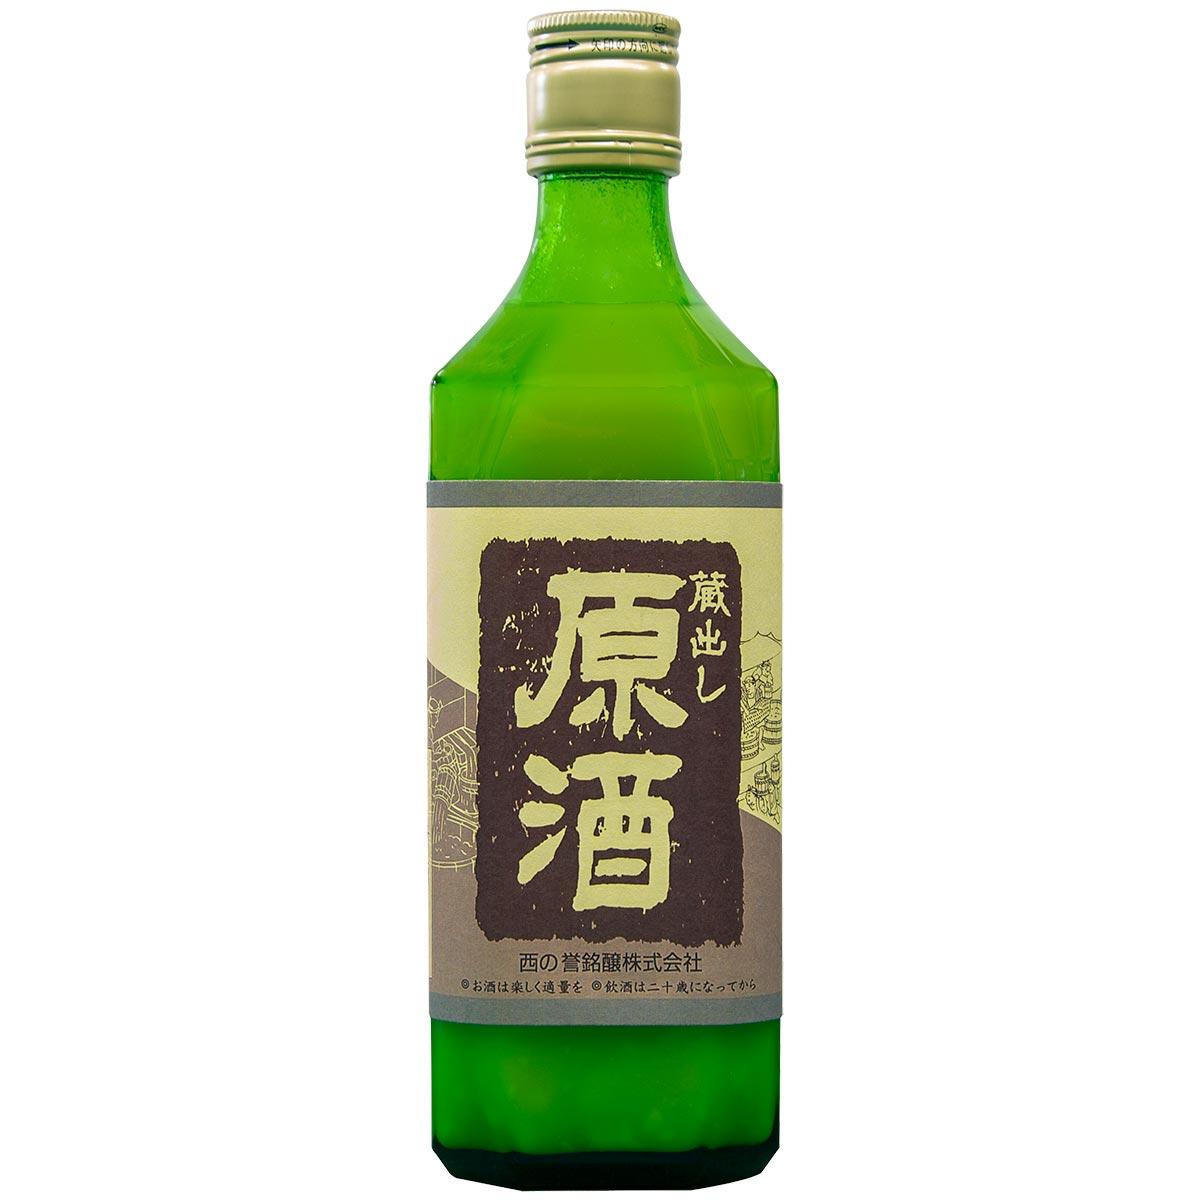 蔵出し原酒 500ml